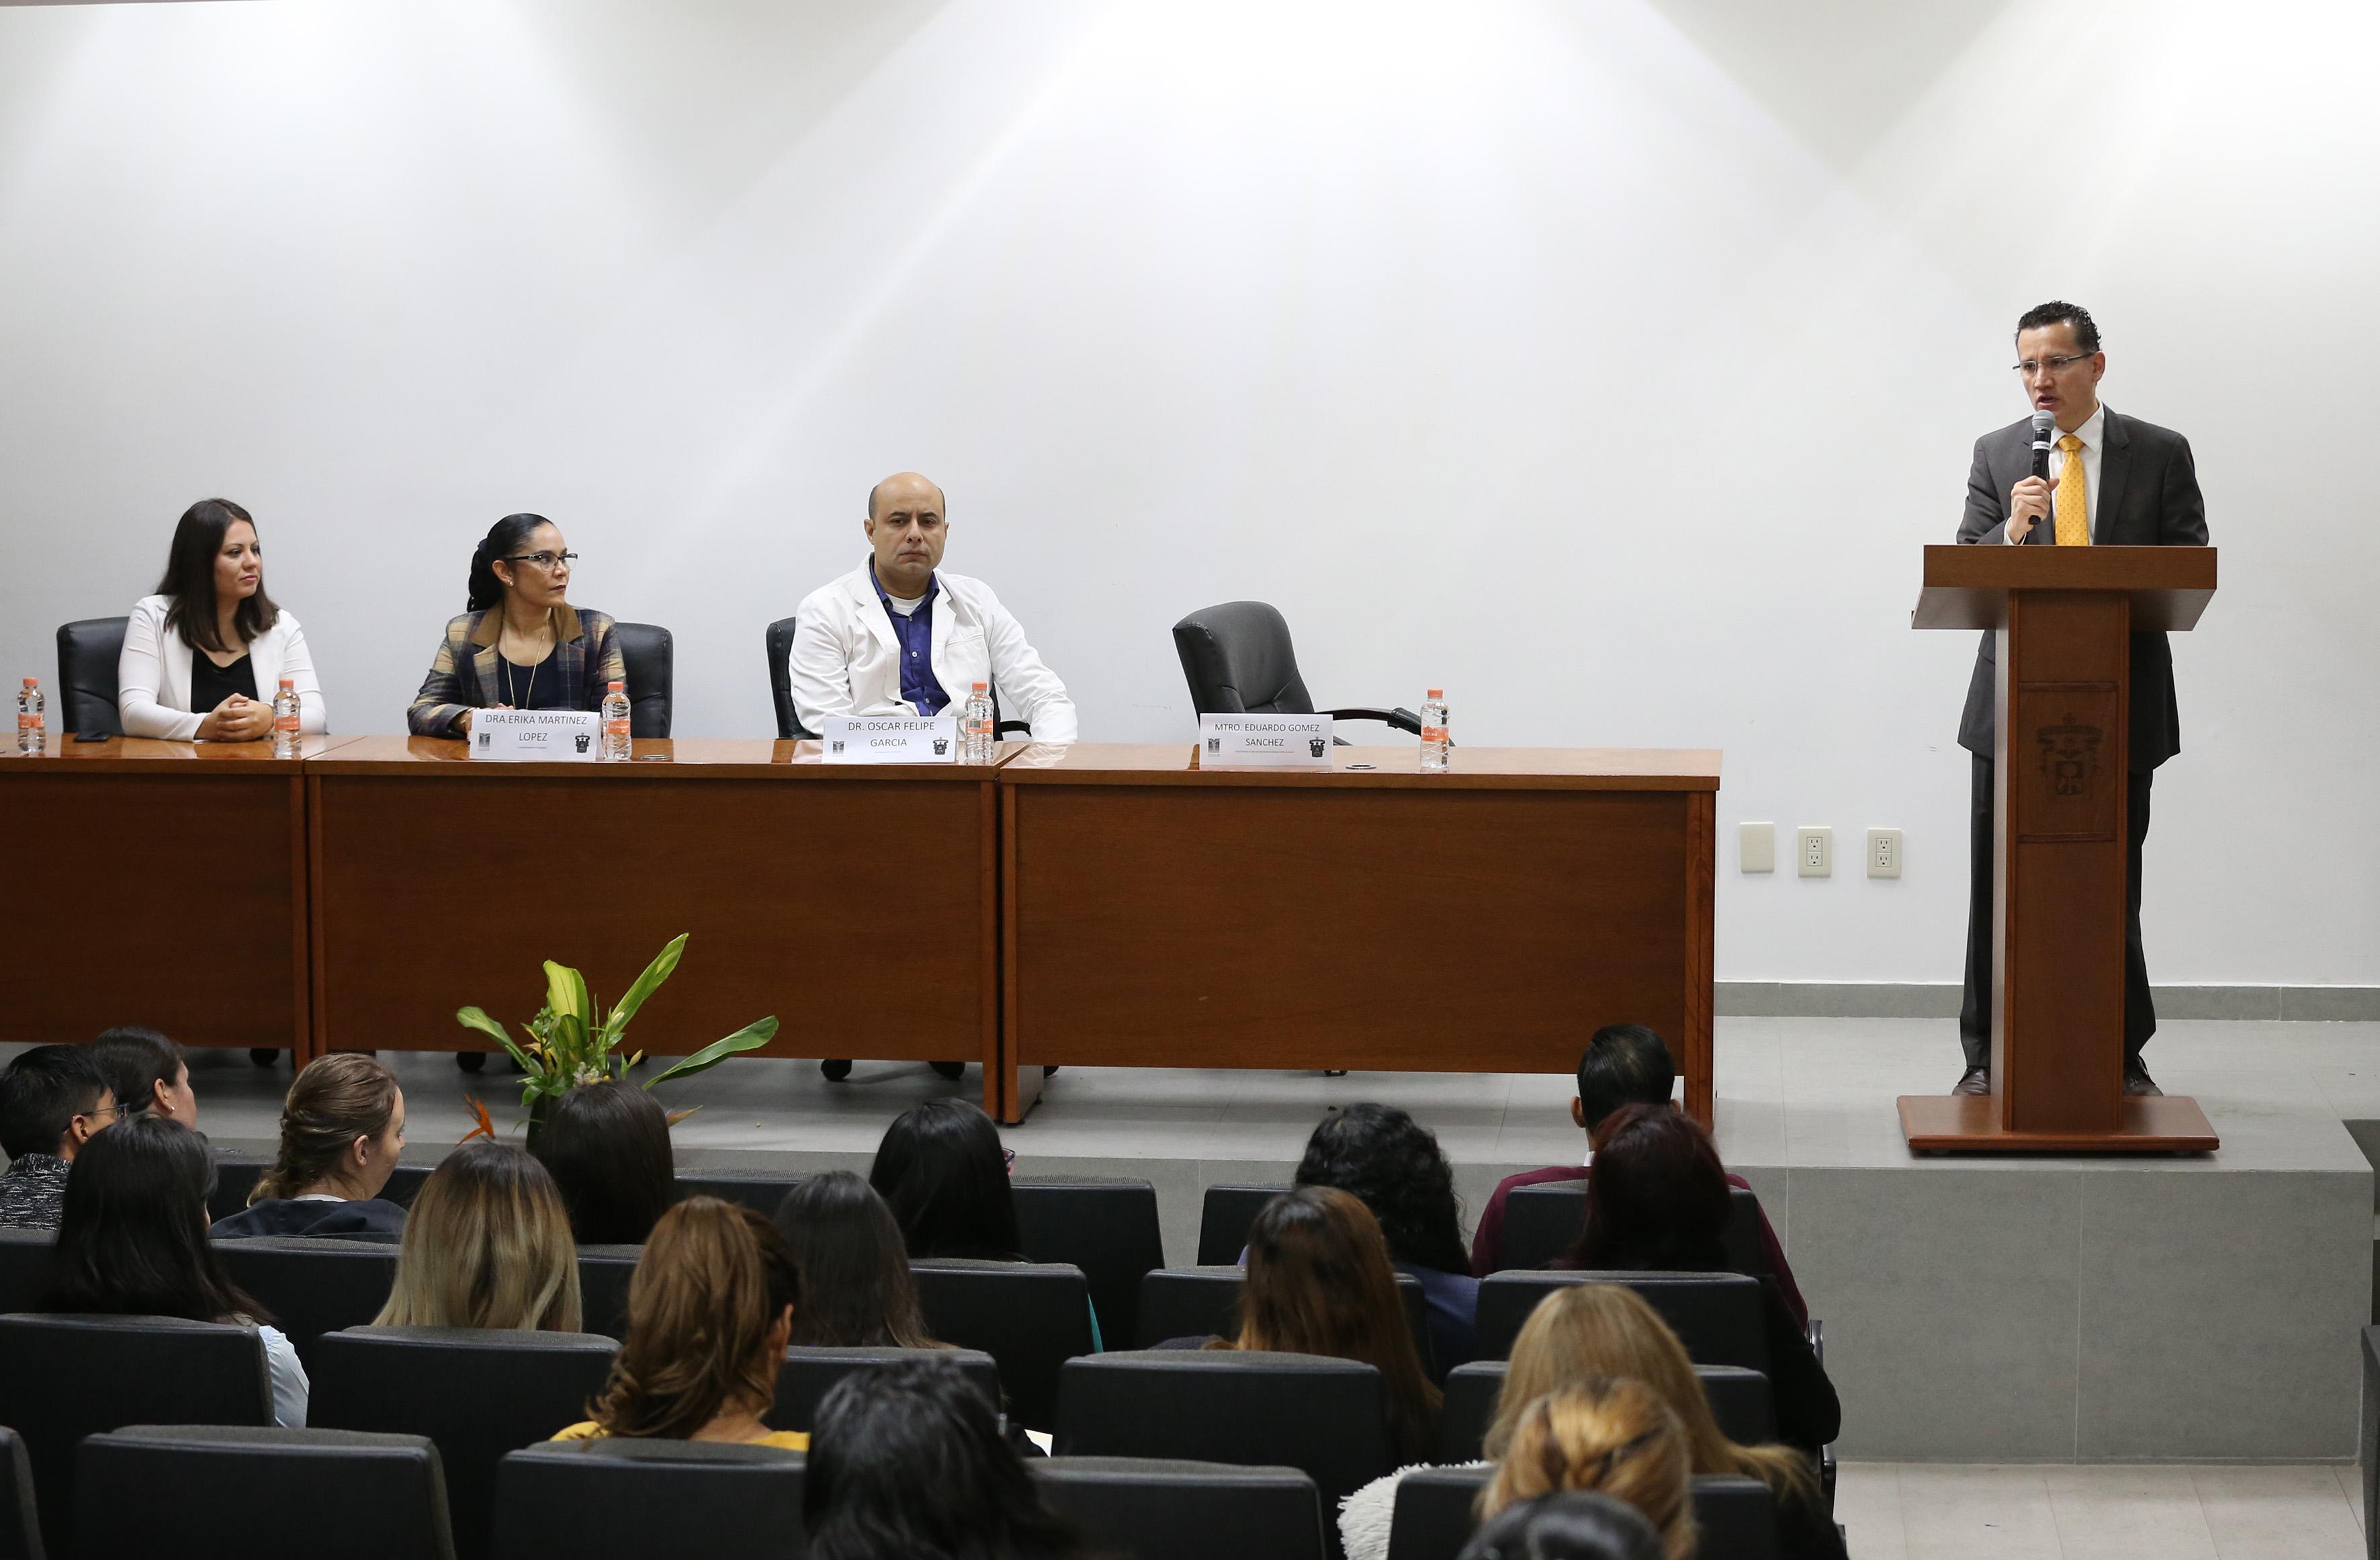 Dr. Eduardo Gómez en el podium, a su costado los miembros del presídium